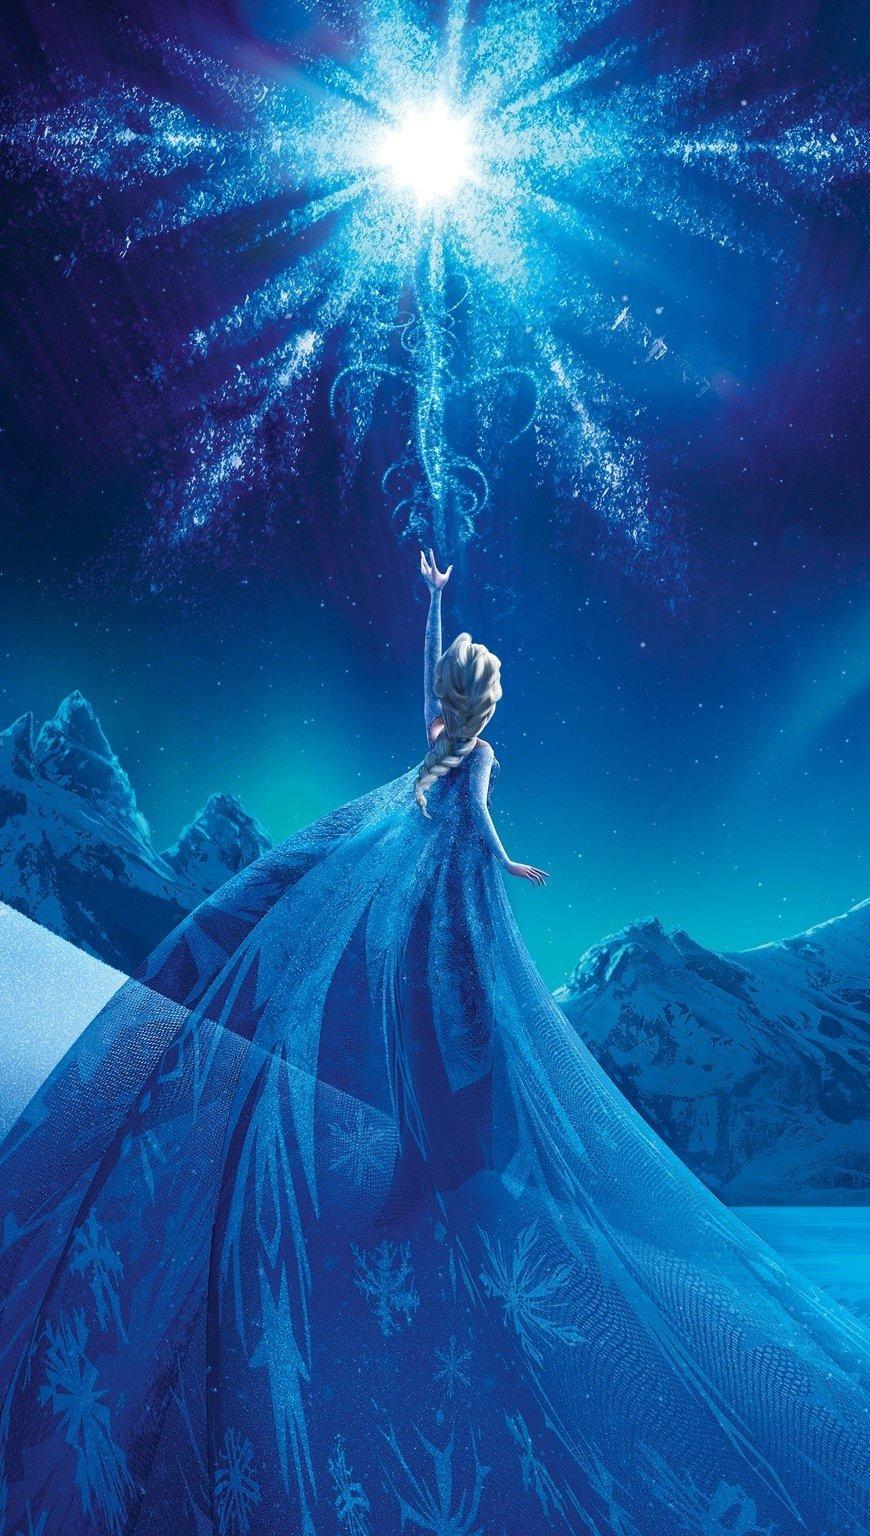 Wallpaper Elsa Queen of ice Vertical